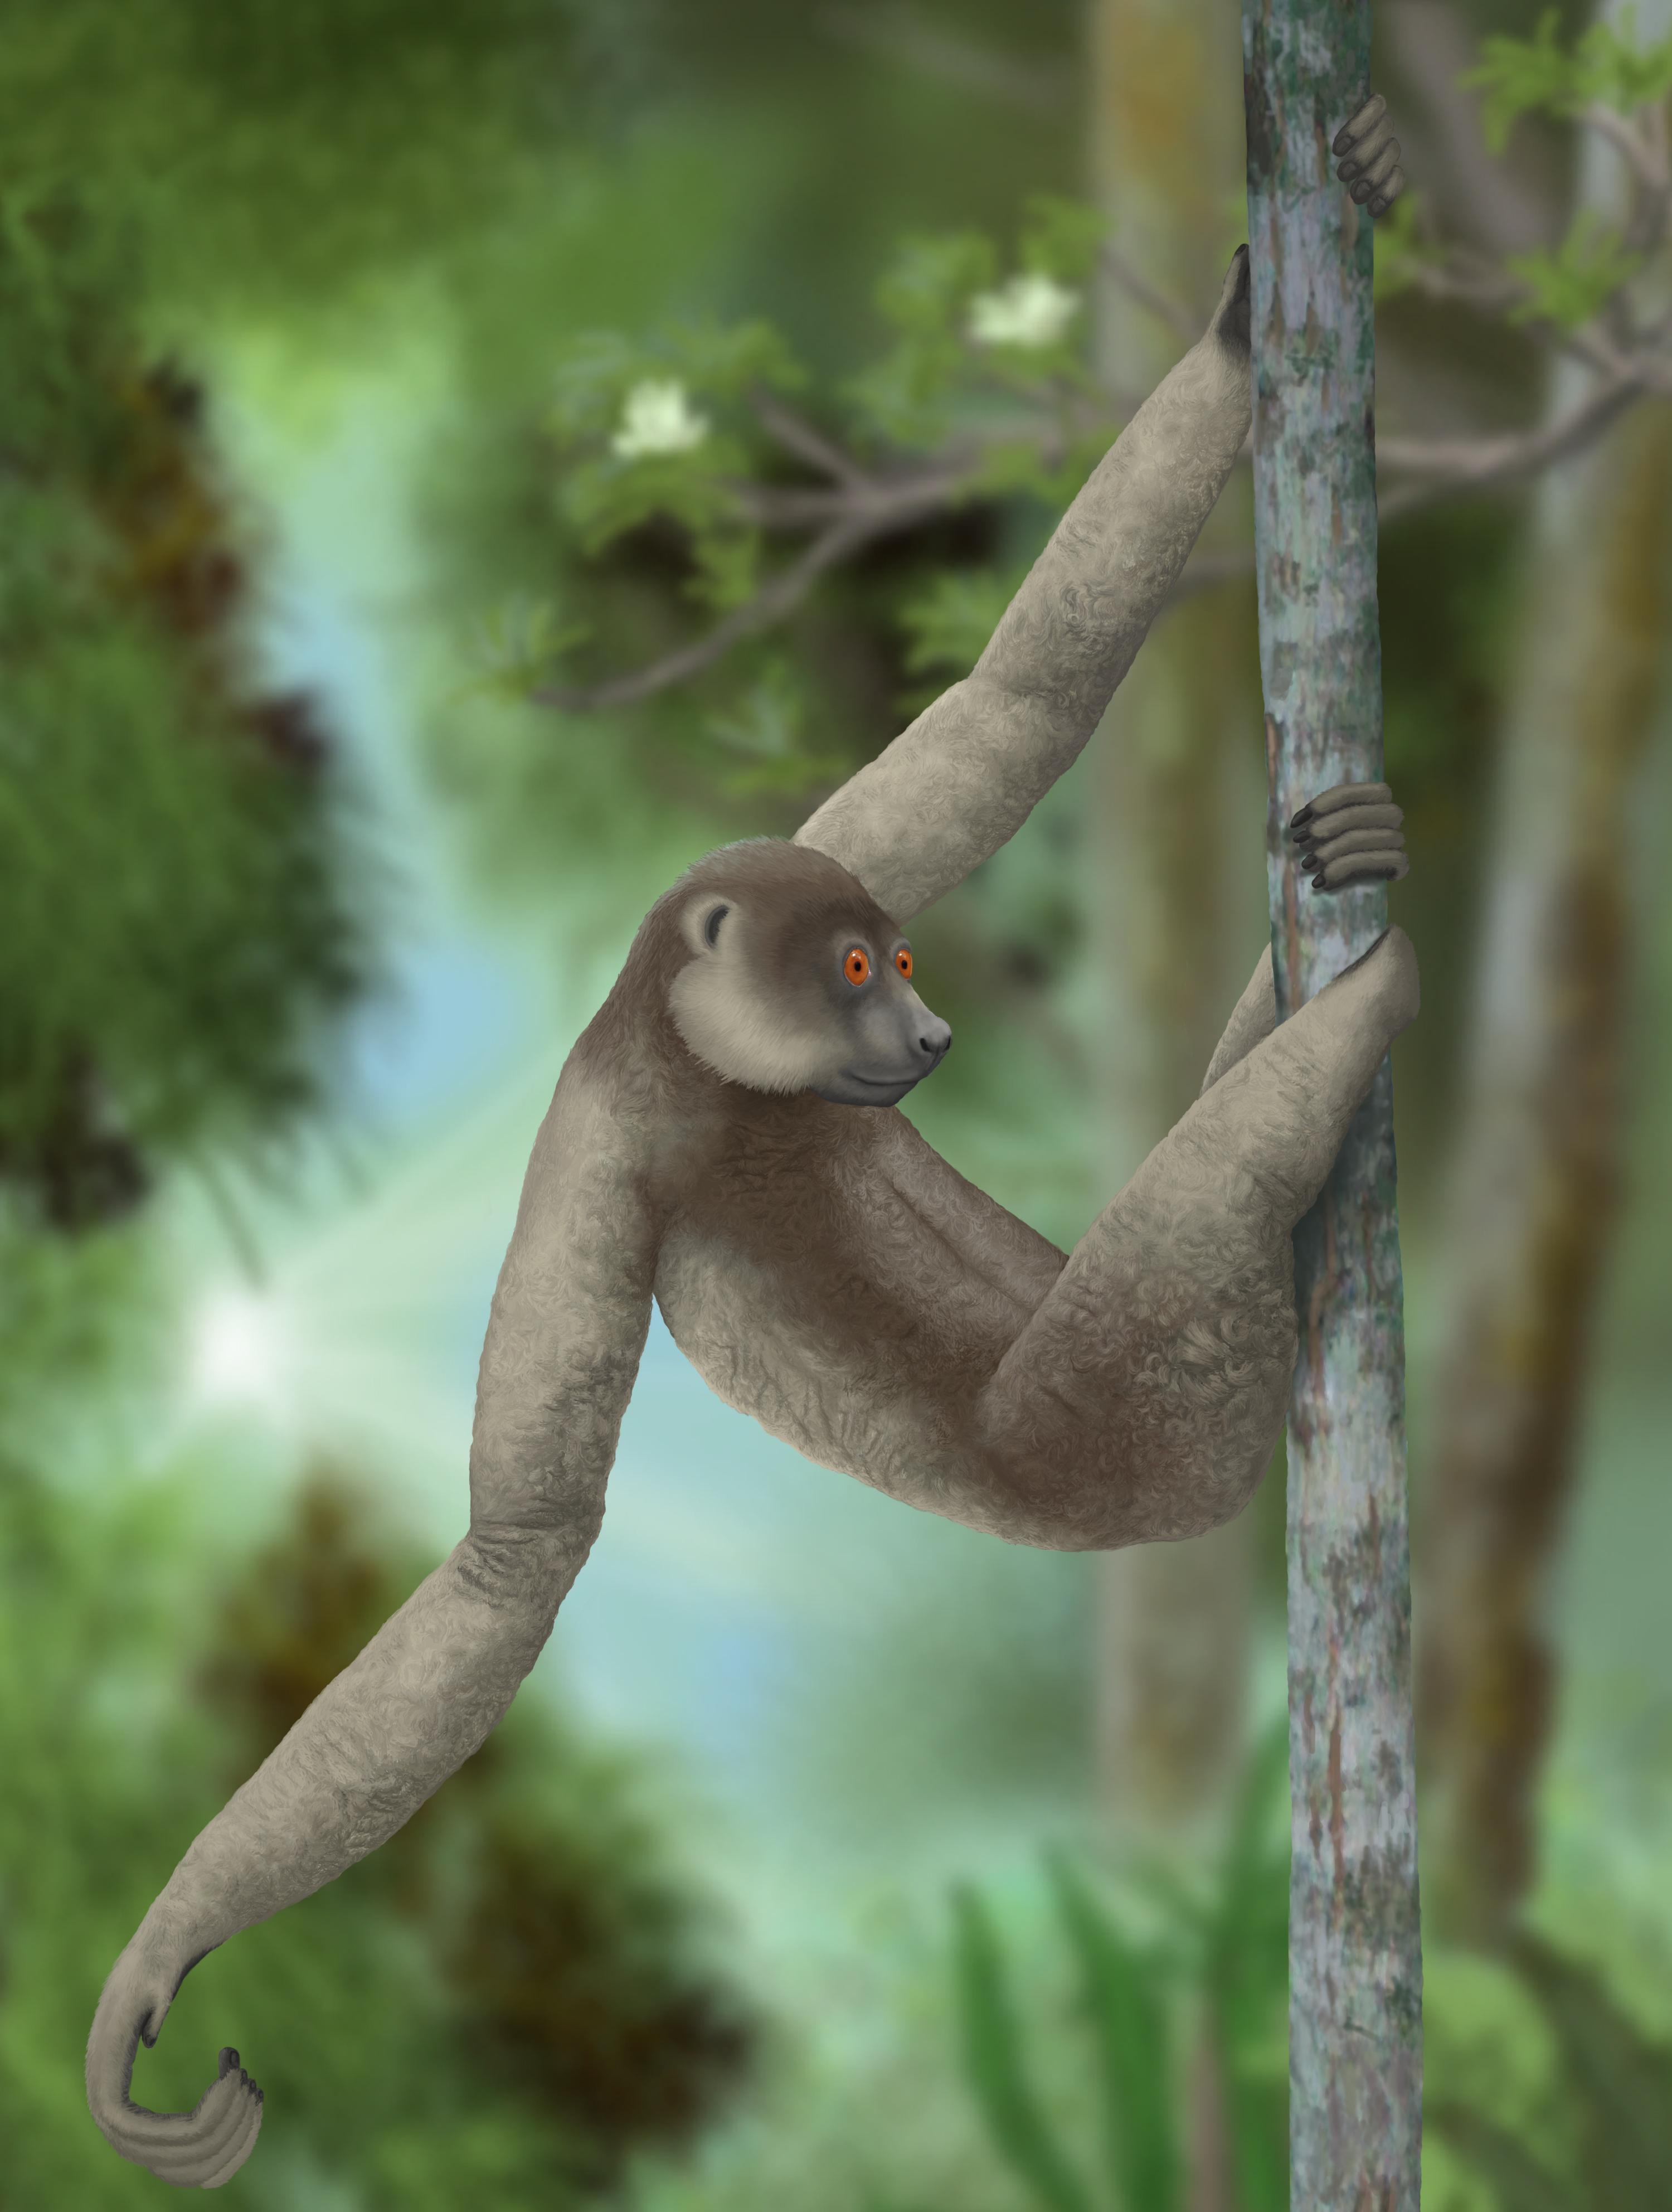 Large Sloth Lemur